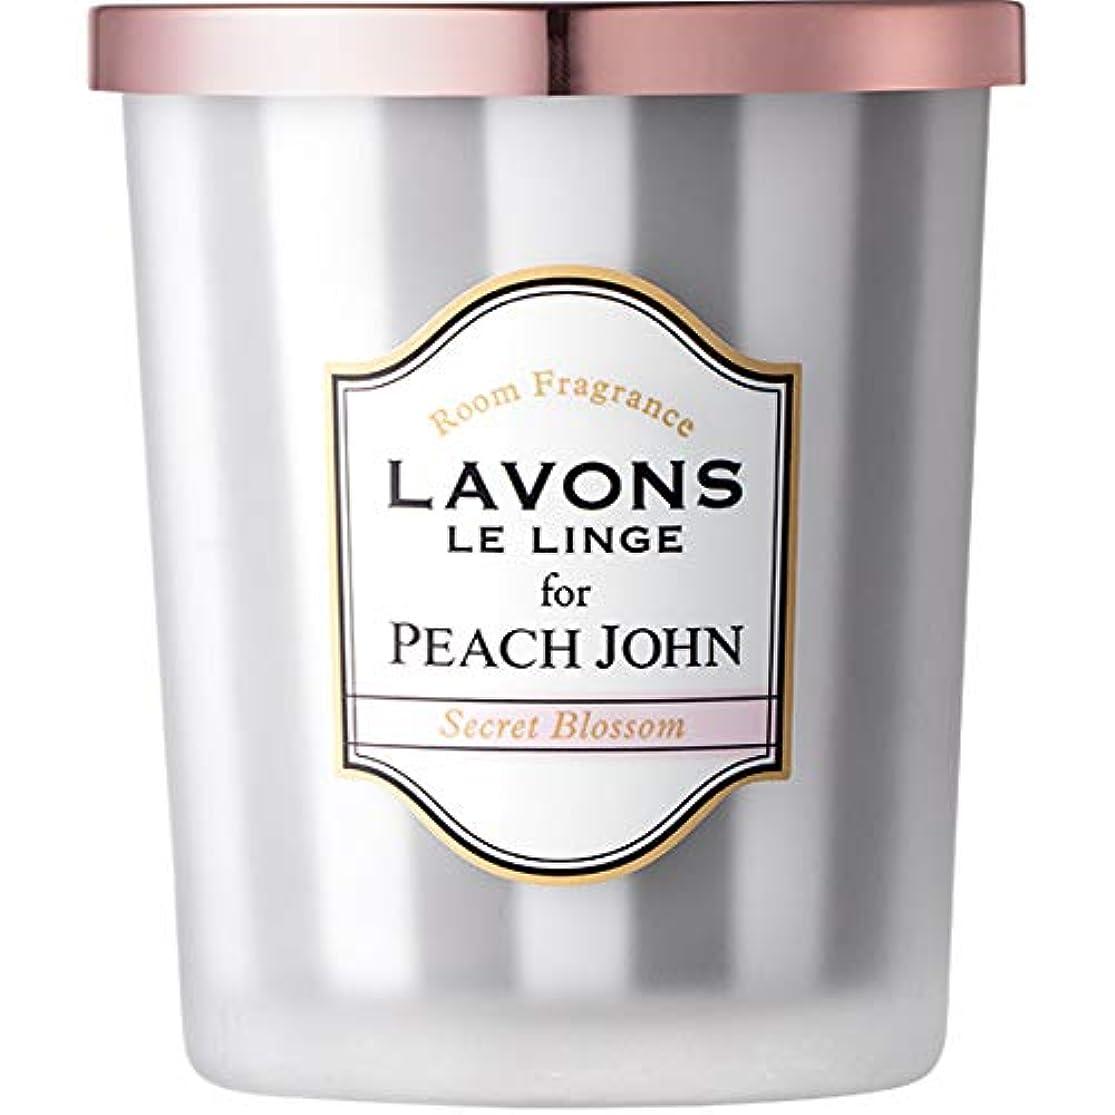 バングラデシュ省略する使用法ラボン for PEACH JOHN 部屋用フレグランス シークレットブロッサムの香り 150g